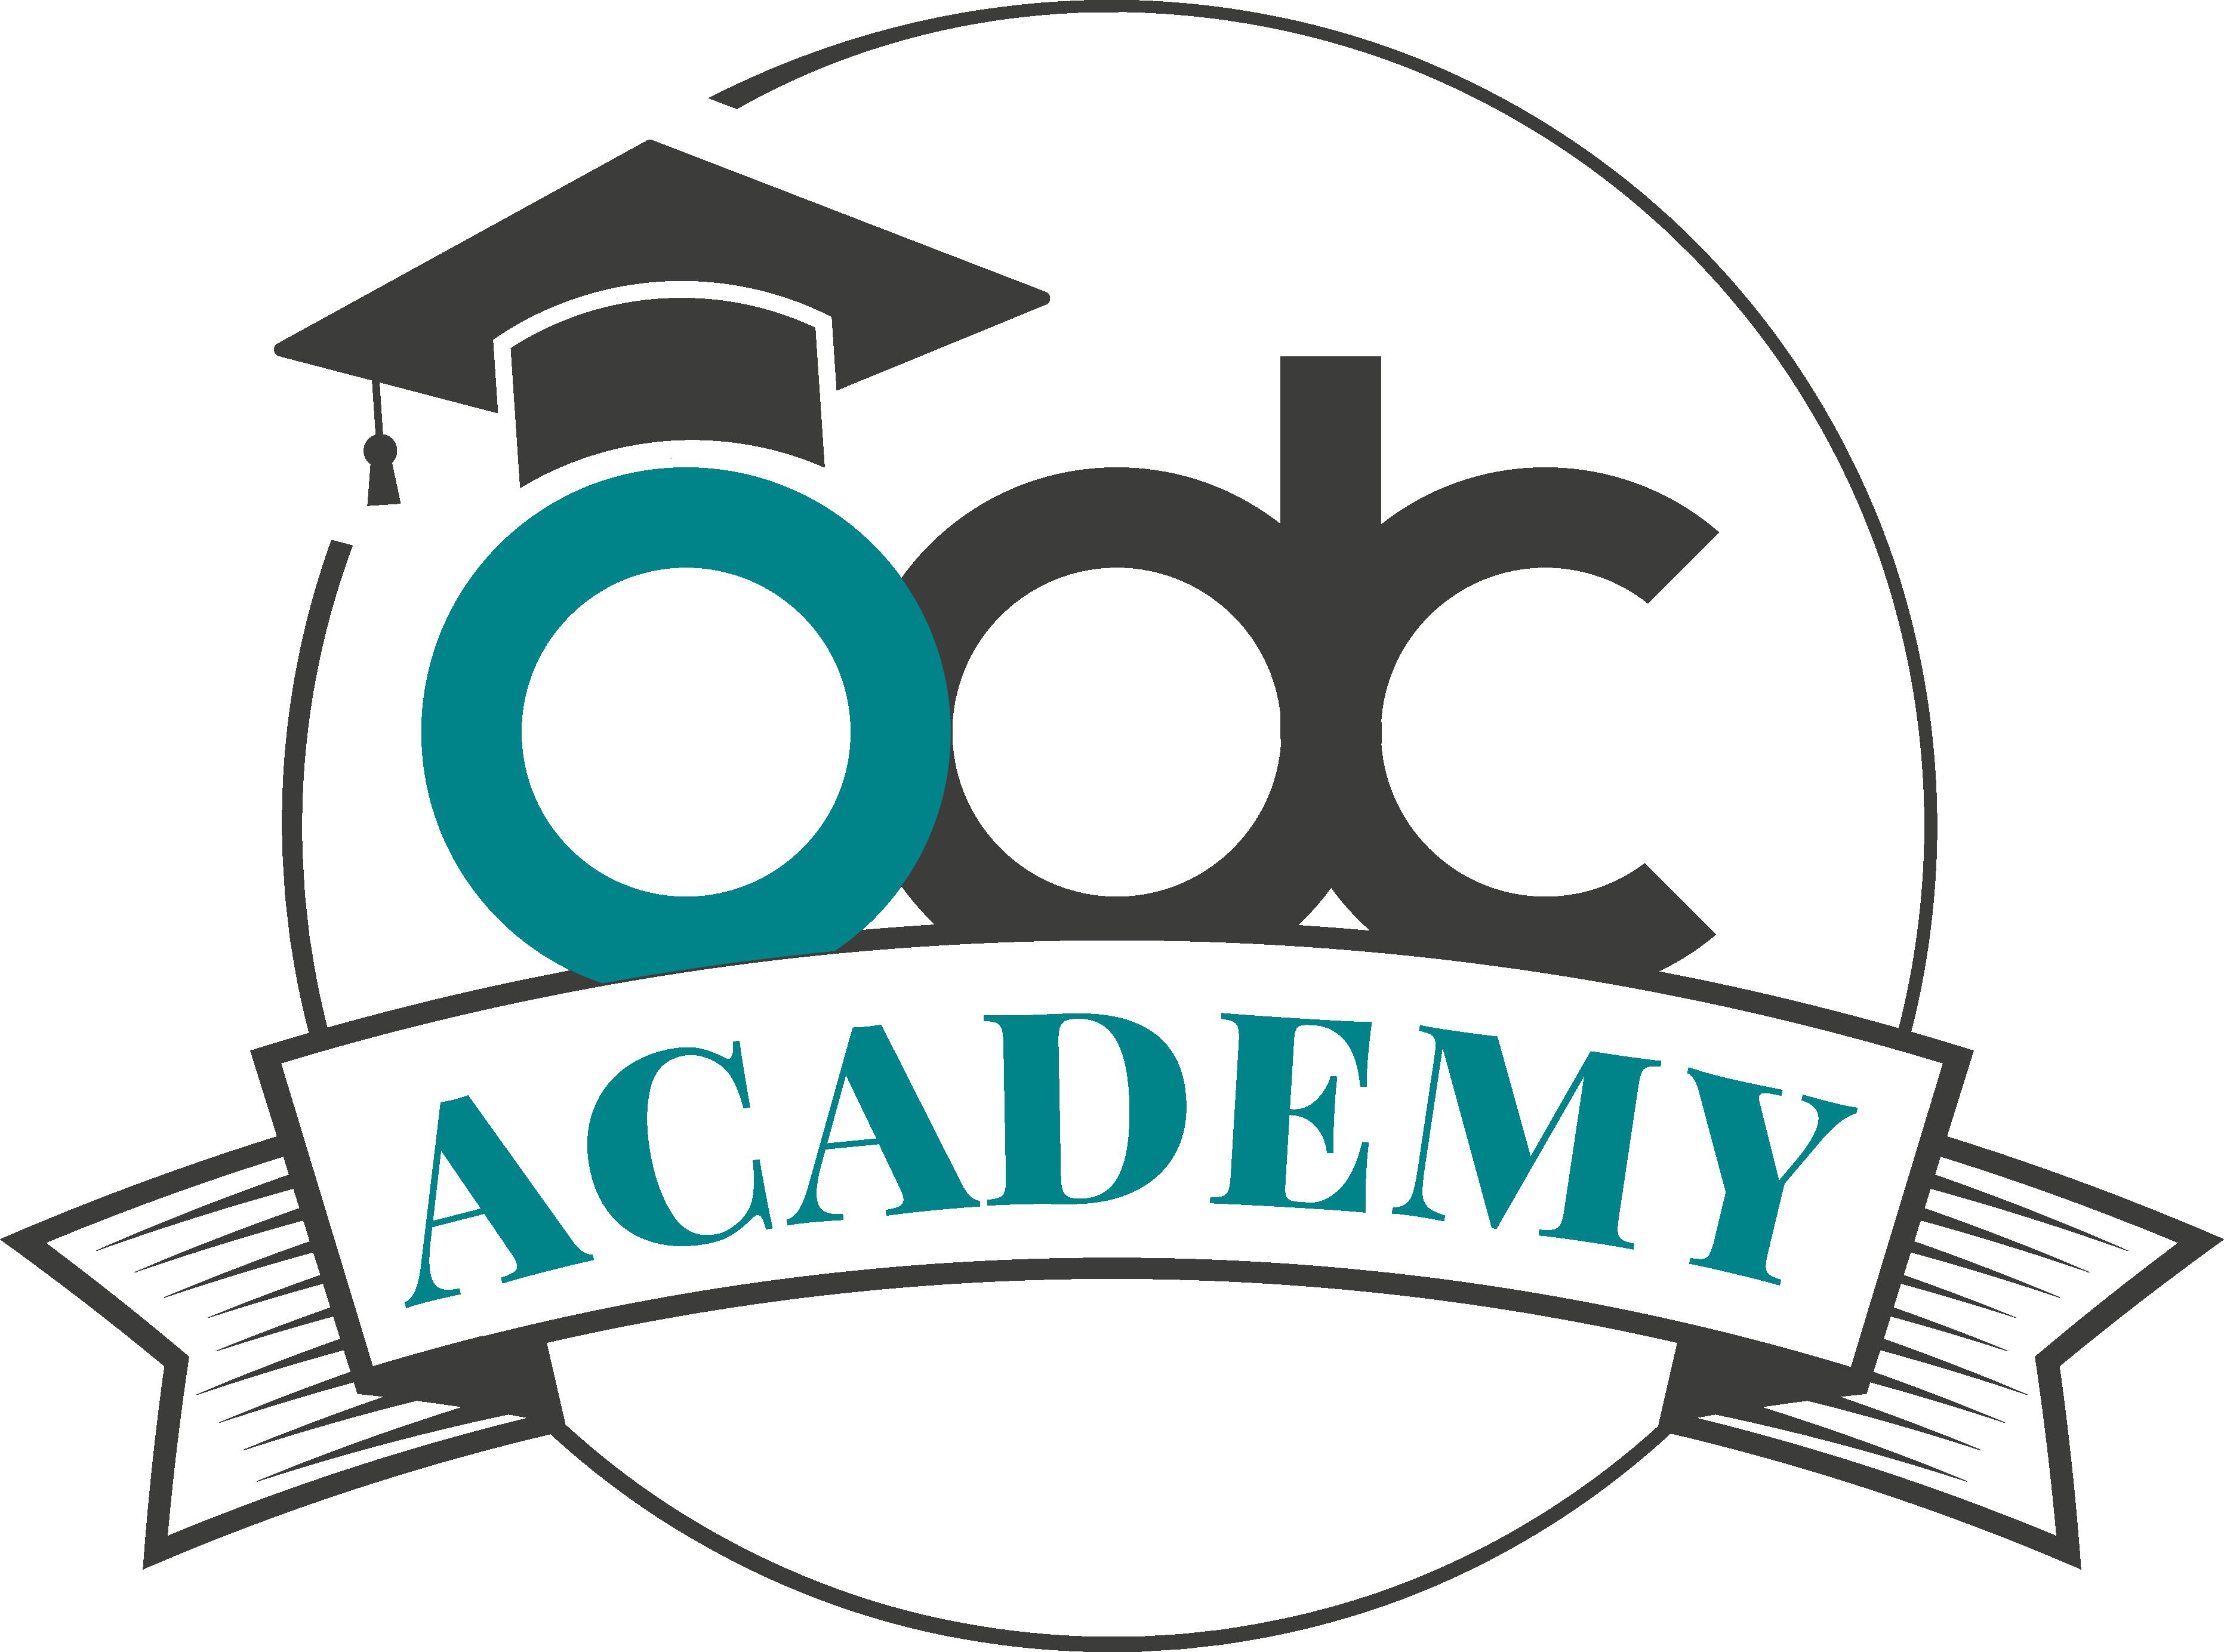 logo_odc_academy